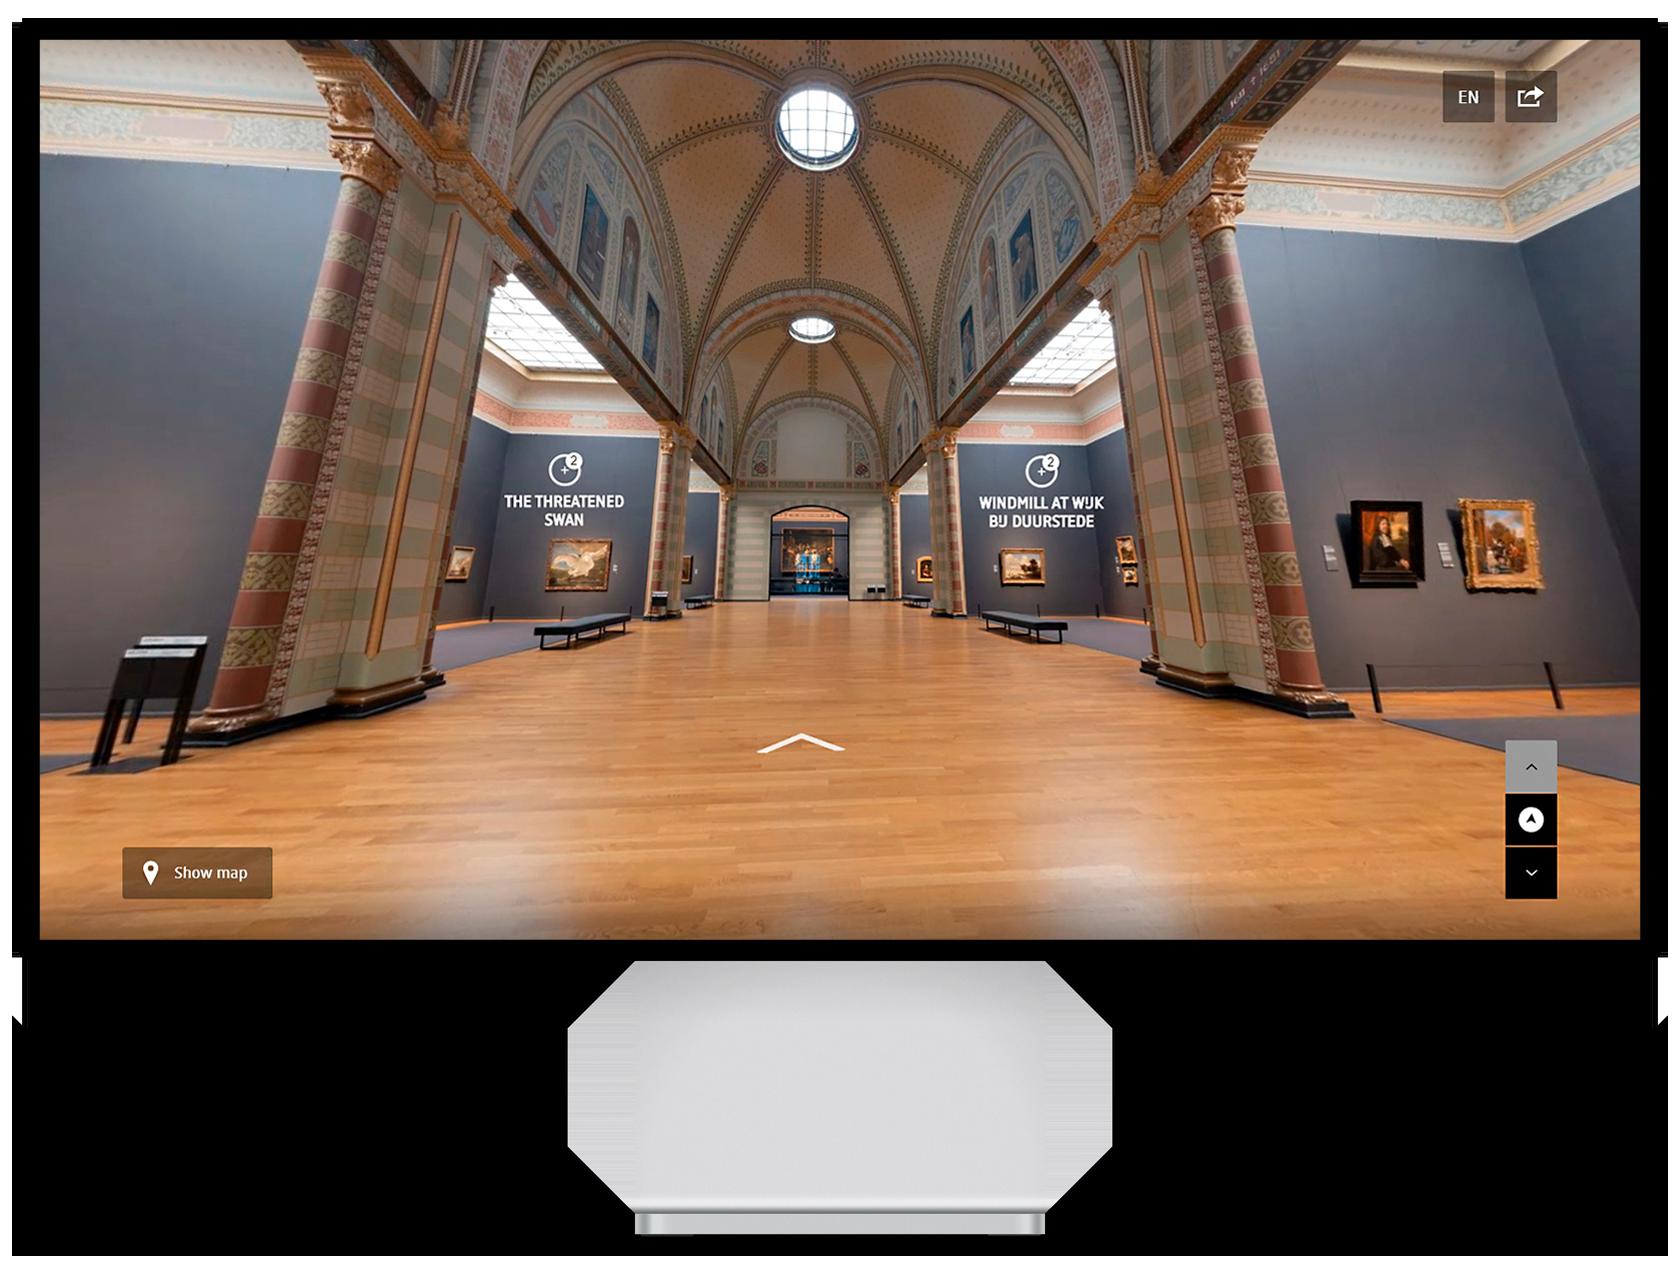 Beeldscherm met de virtuele tour door het Rijksmuseum